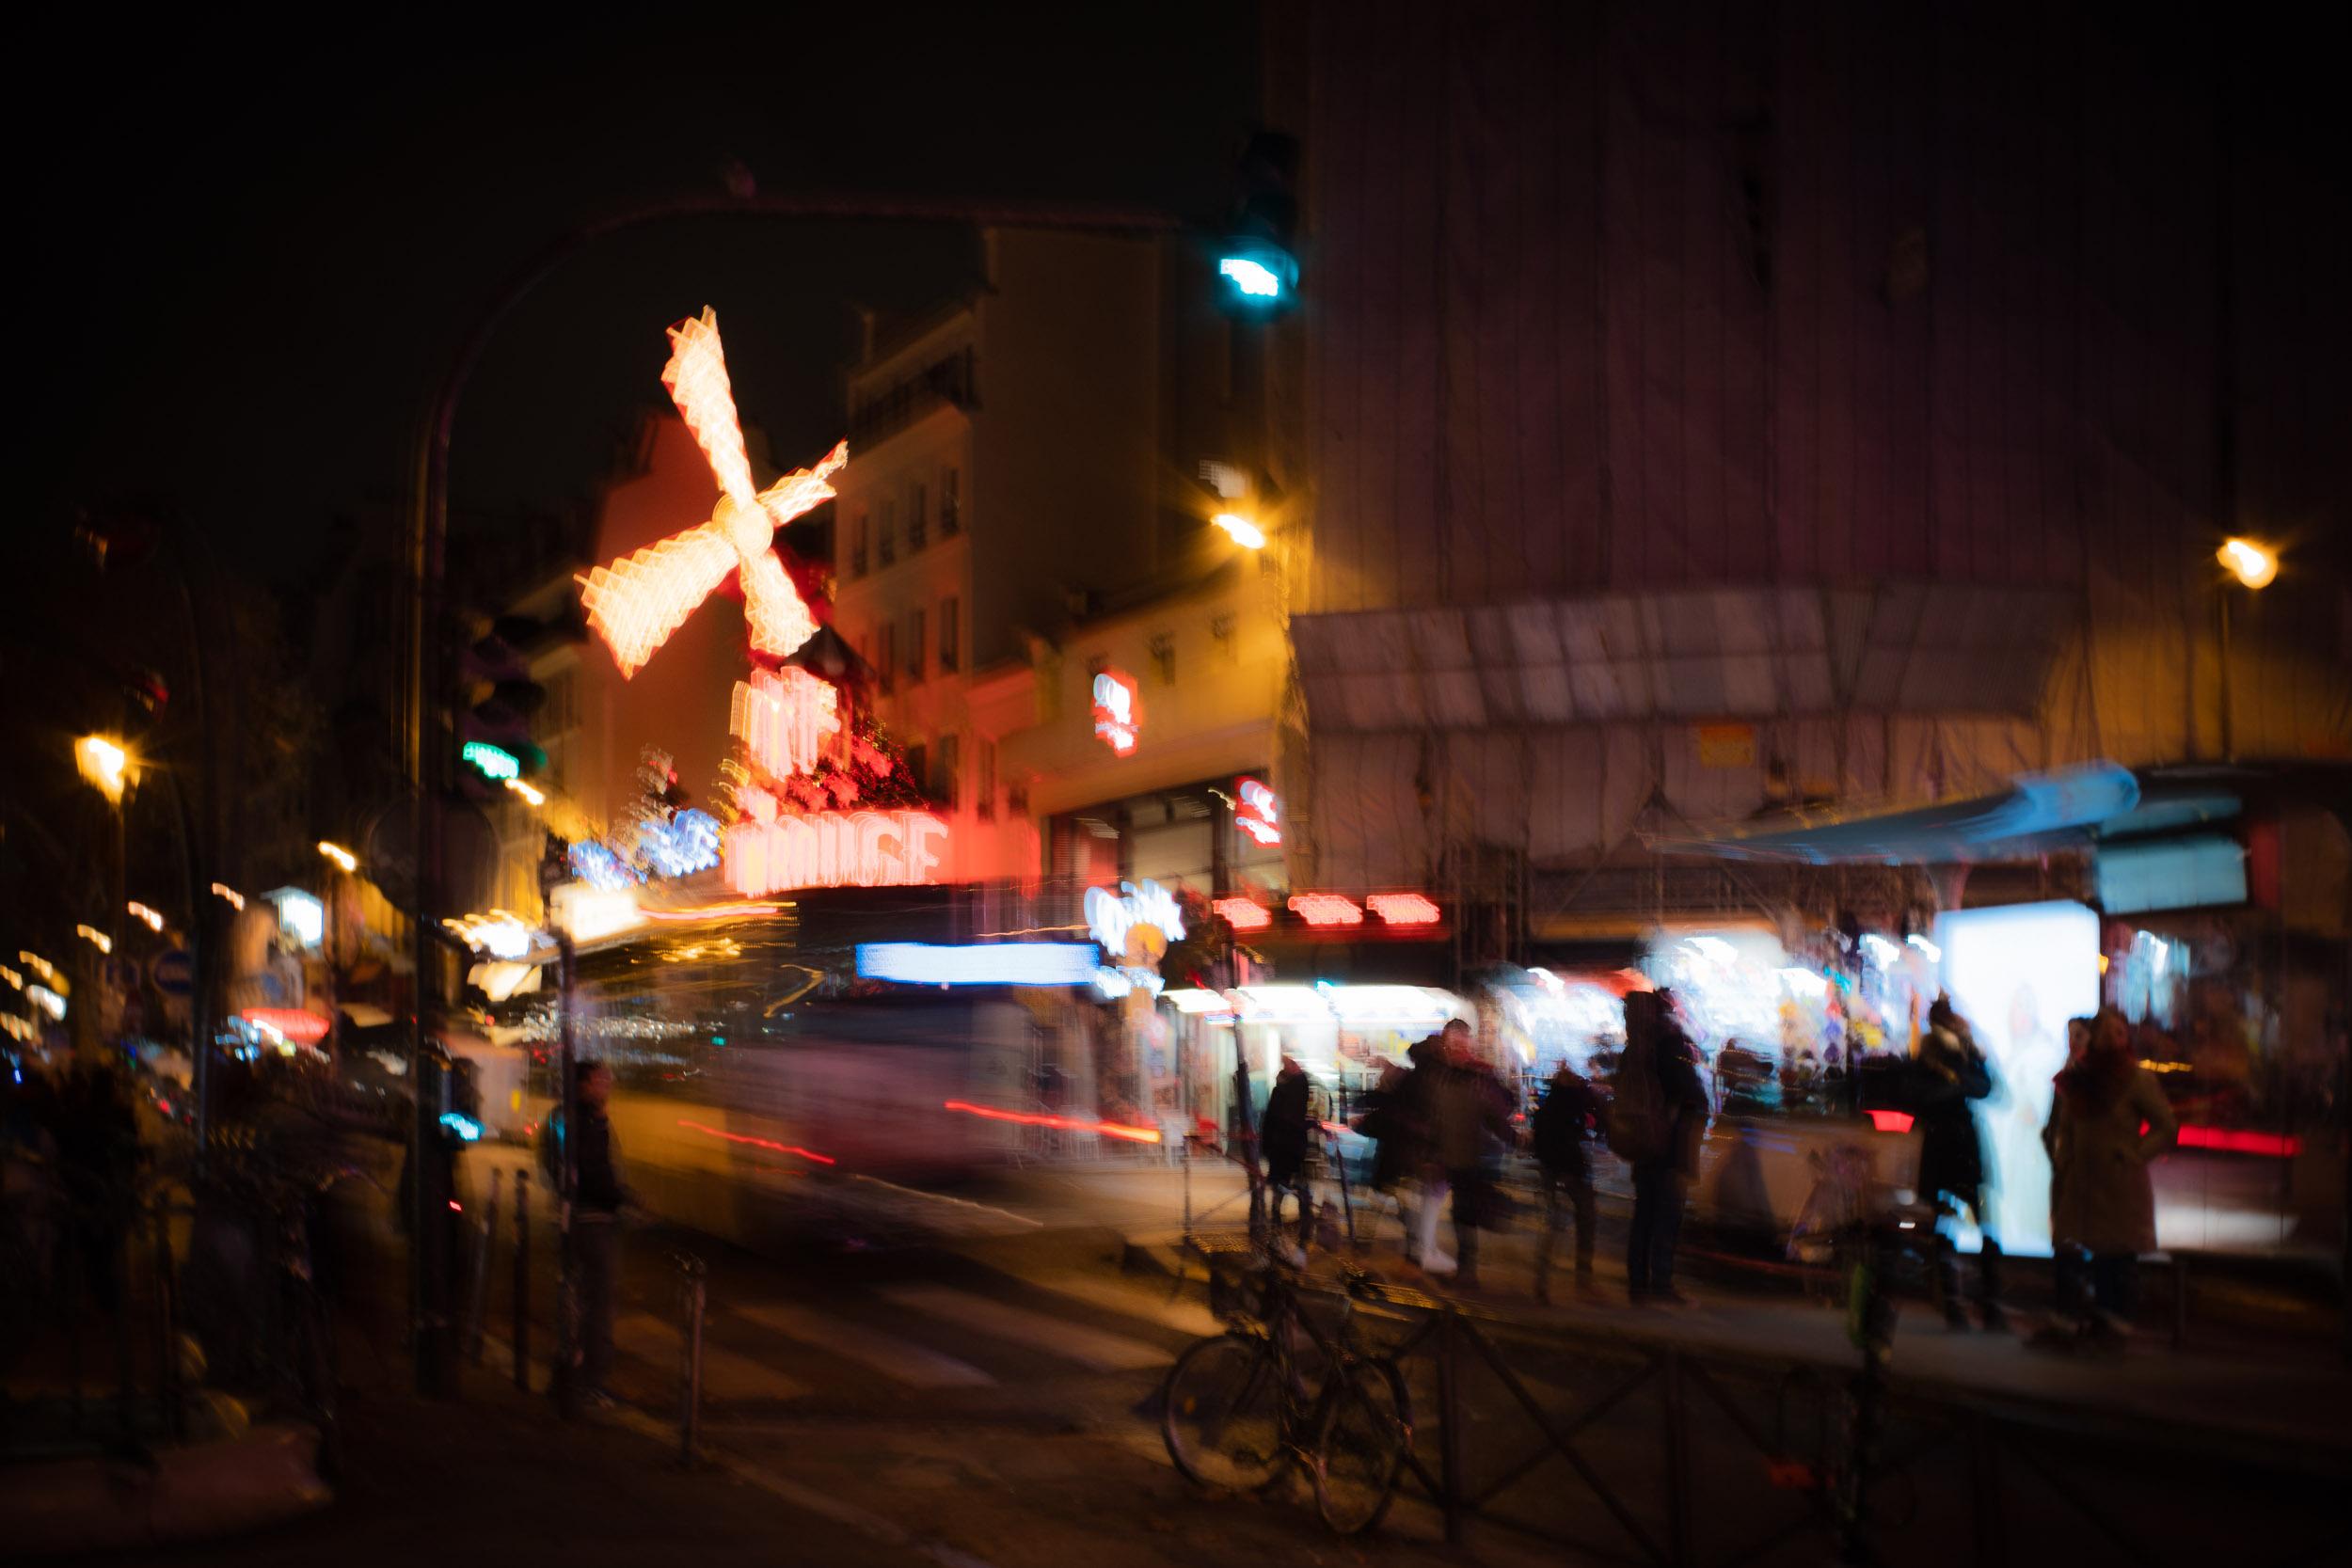 Paris-Moulin-Rouge-slow-shutter-speed.jpg